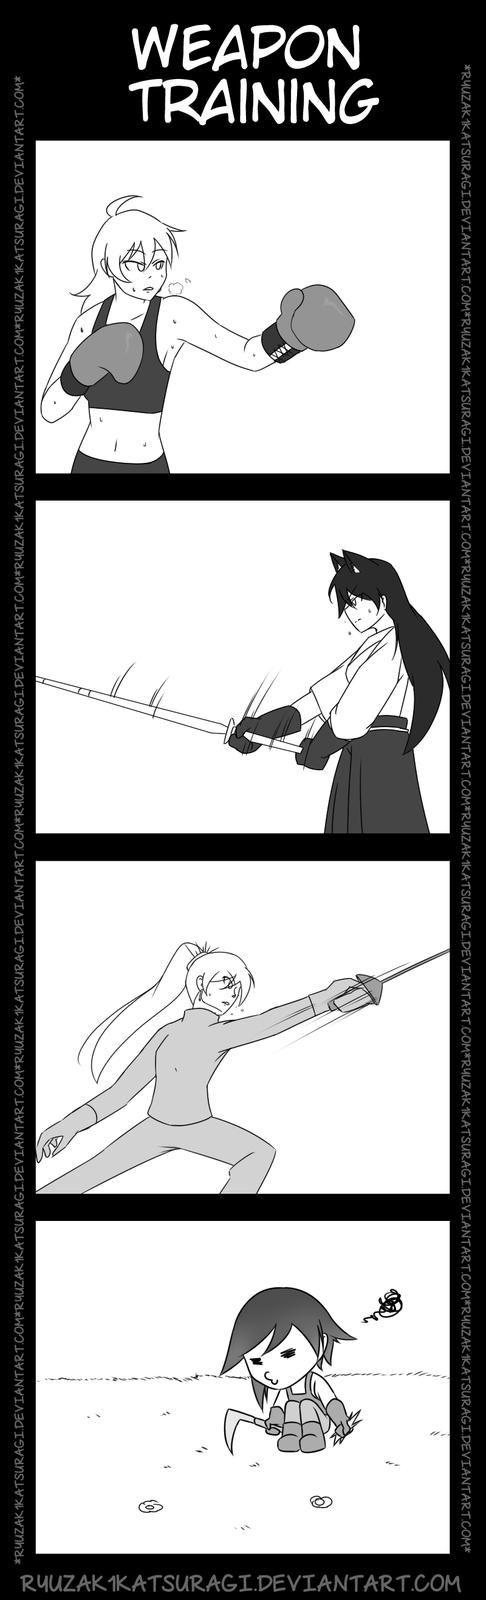 [RWBY] Weapon Training